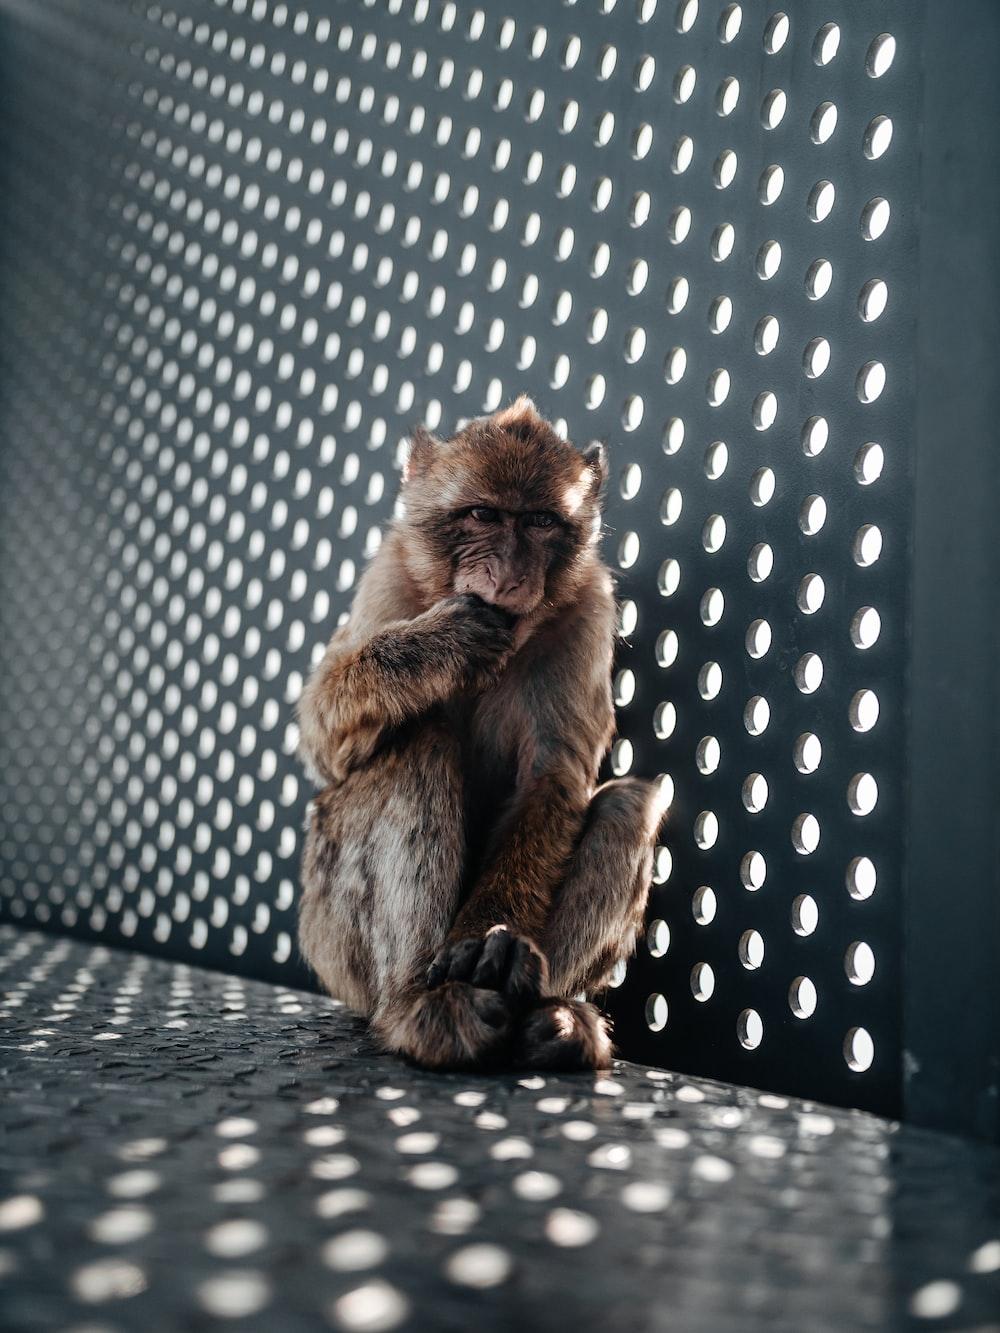 brown monkey on black metal fence